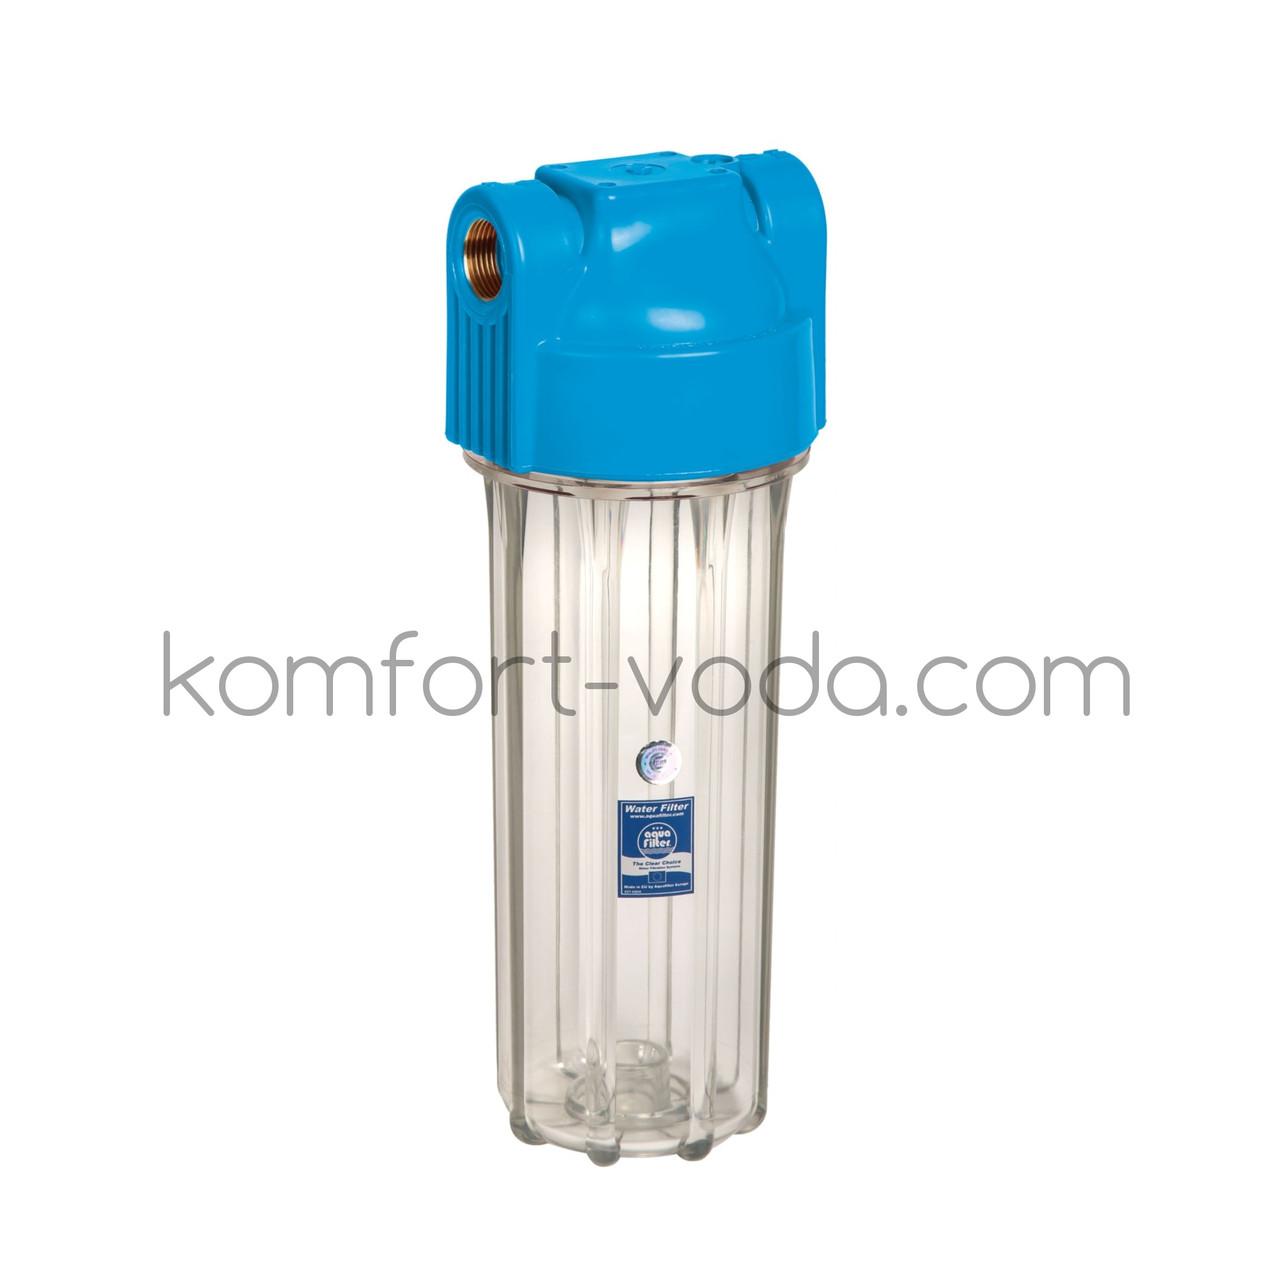 """Корпус фильтра 10"""" для холодной воды Aquafilter FHPR12-HP-S, 1/2"""""""